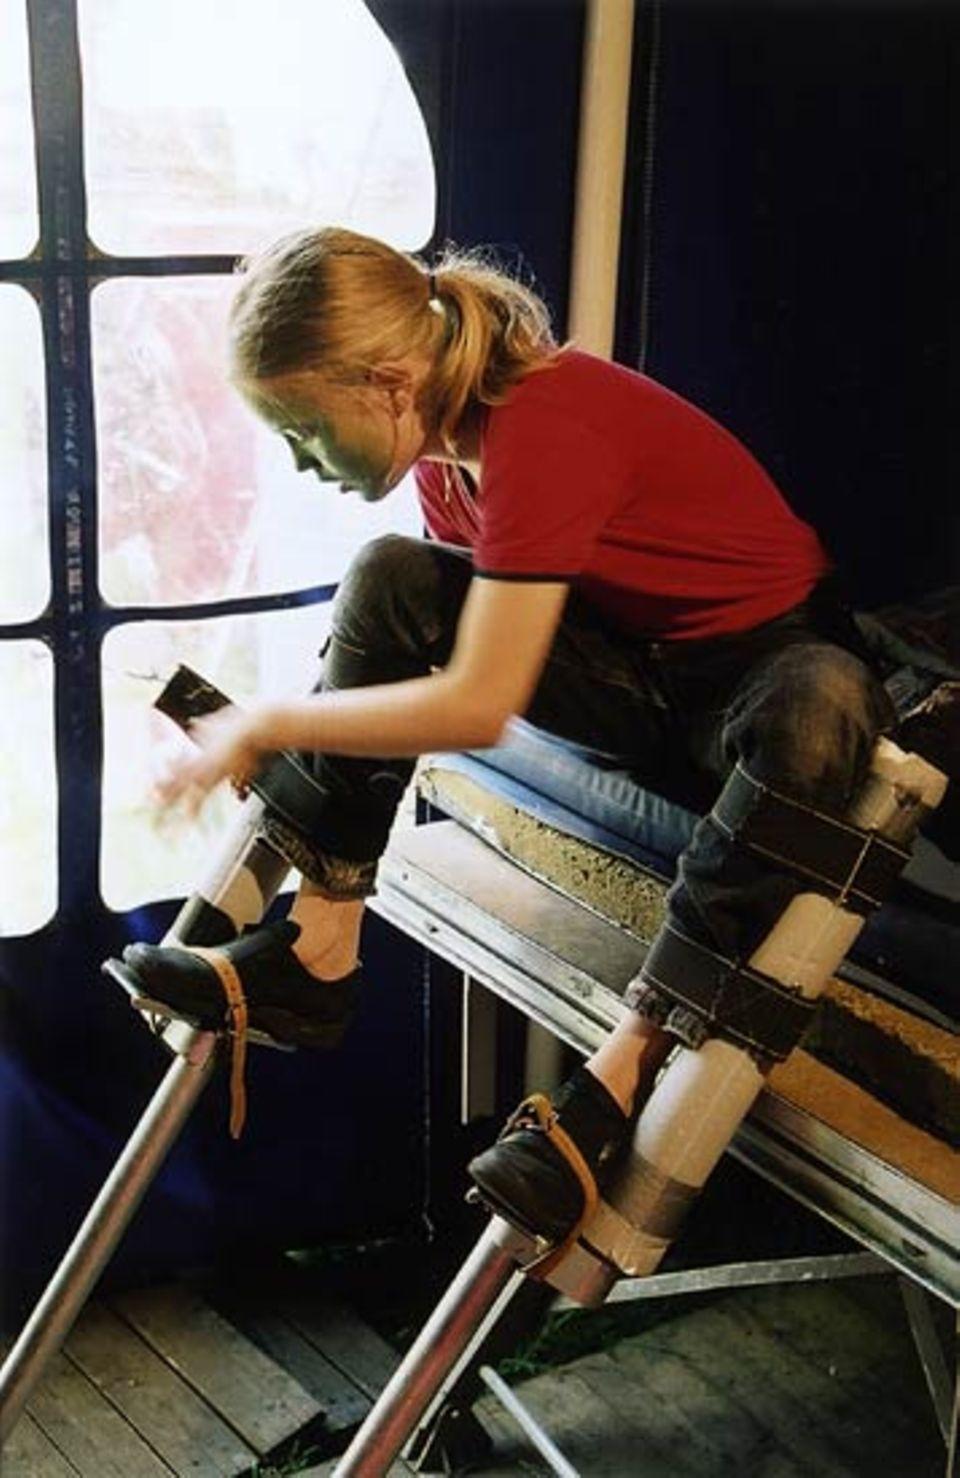 Kurz vor der Vorstellung schnallt sich ein Mädchen Stelzen an die Beine